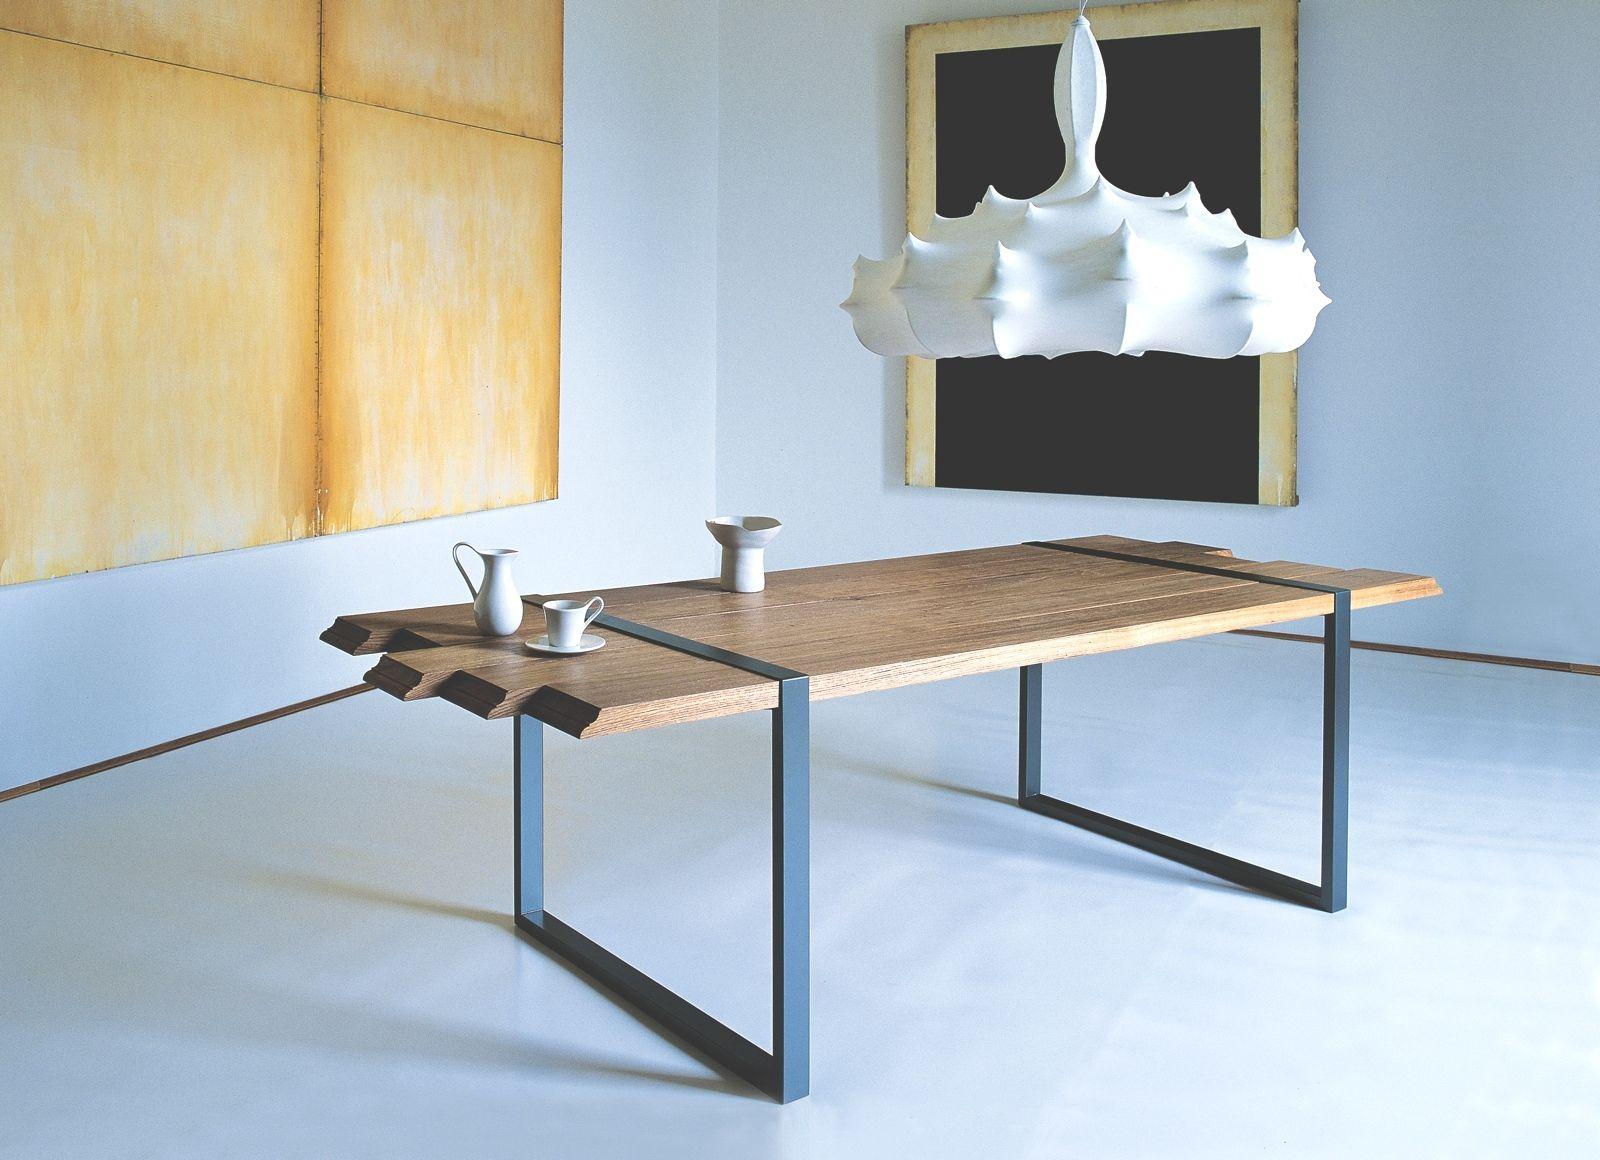 legno grezzo zanotta - Cerca con Google | Sale da pranzo ...